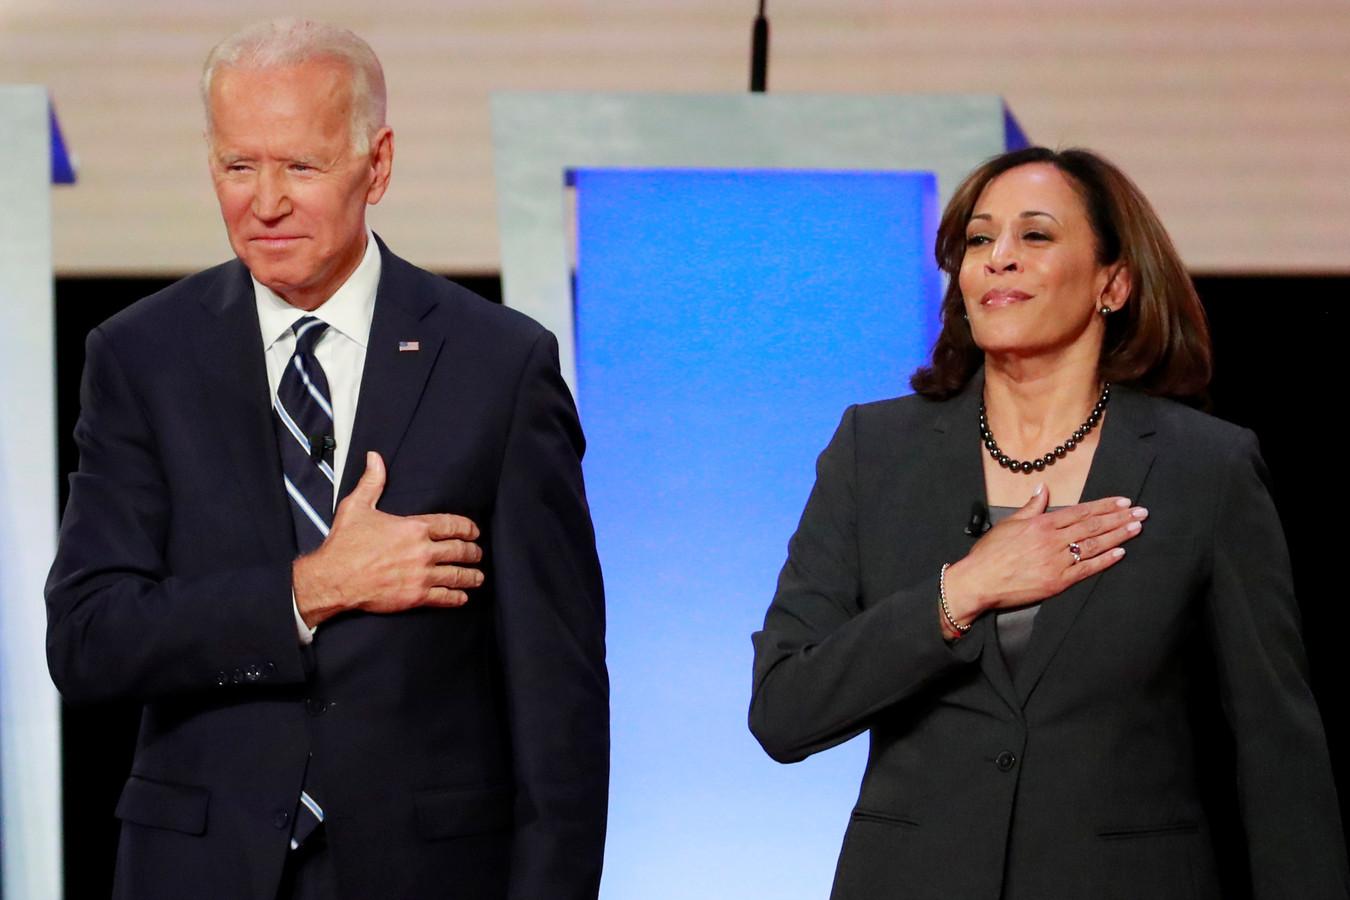 Joe Biden en Kamala Harris, enkele maanden geleden nog rivalen in de race naar het presidentskandidaatschap.